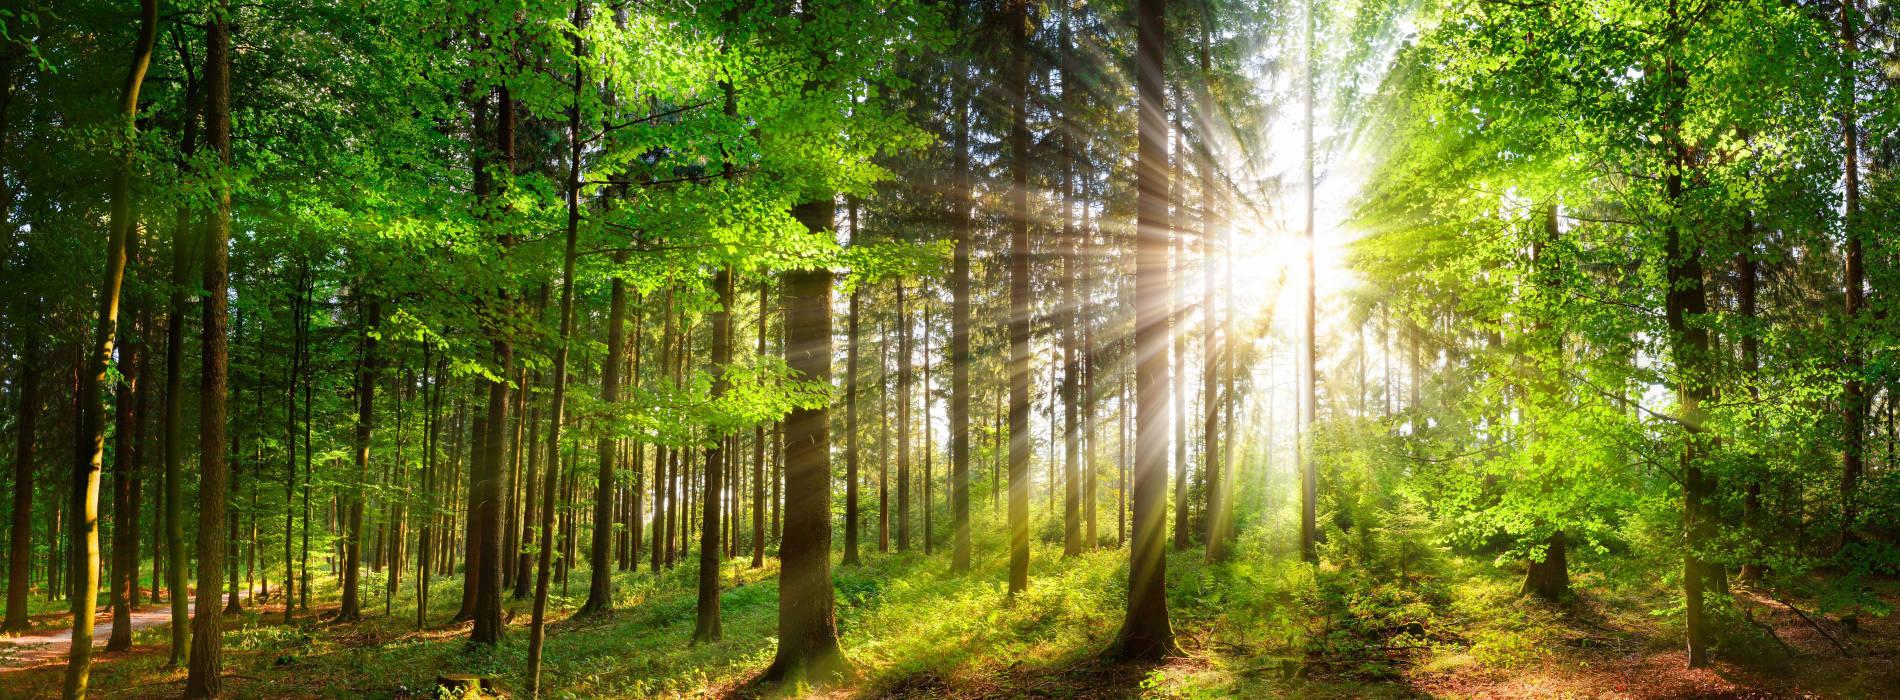 Ingenieurbüro für Forst- und Holzwirtschaft und Gewerbe für Holzschlägerung, -bringung und -zerkleinerung.